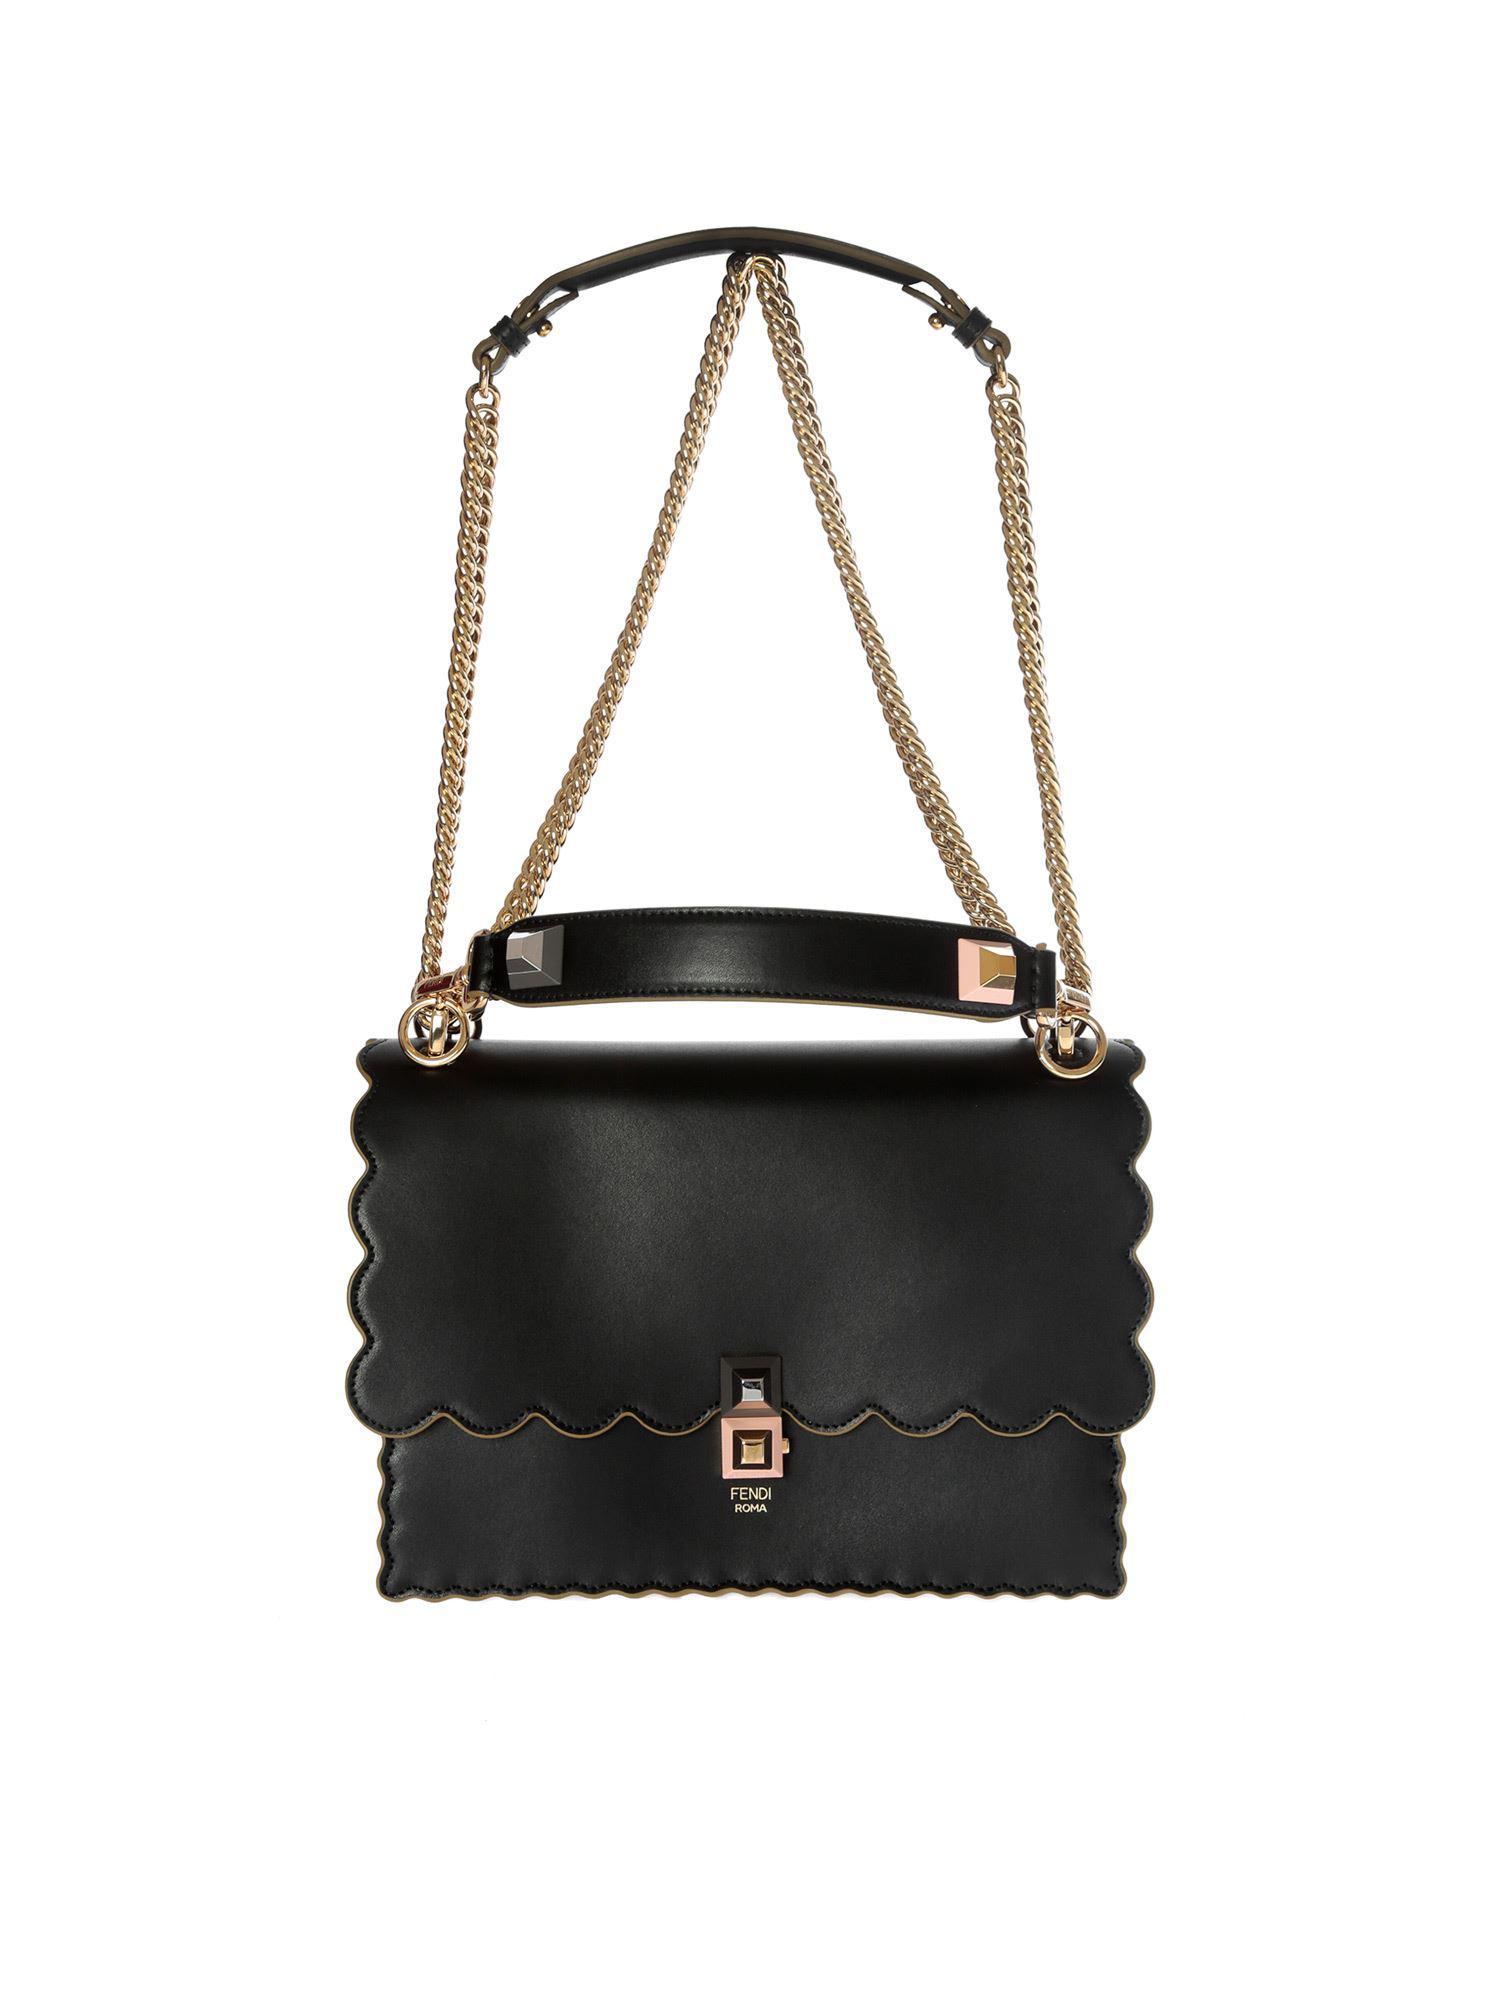 7af9f40b6f10 Fendi Kan I Black Shoulder Bag in Black - Lyst